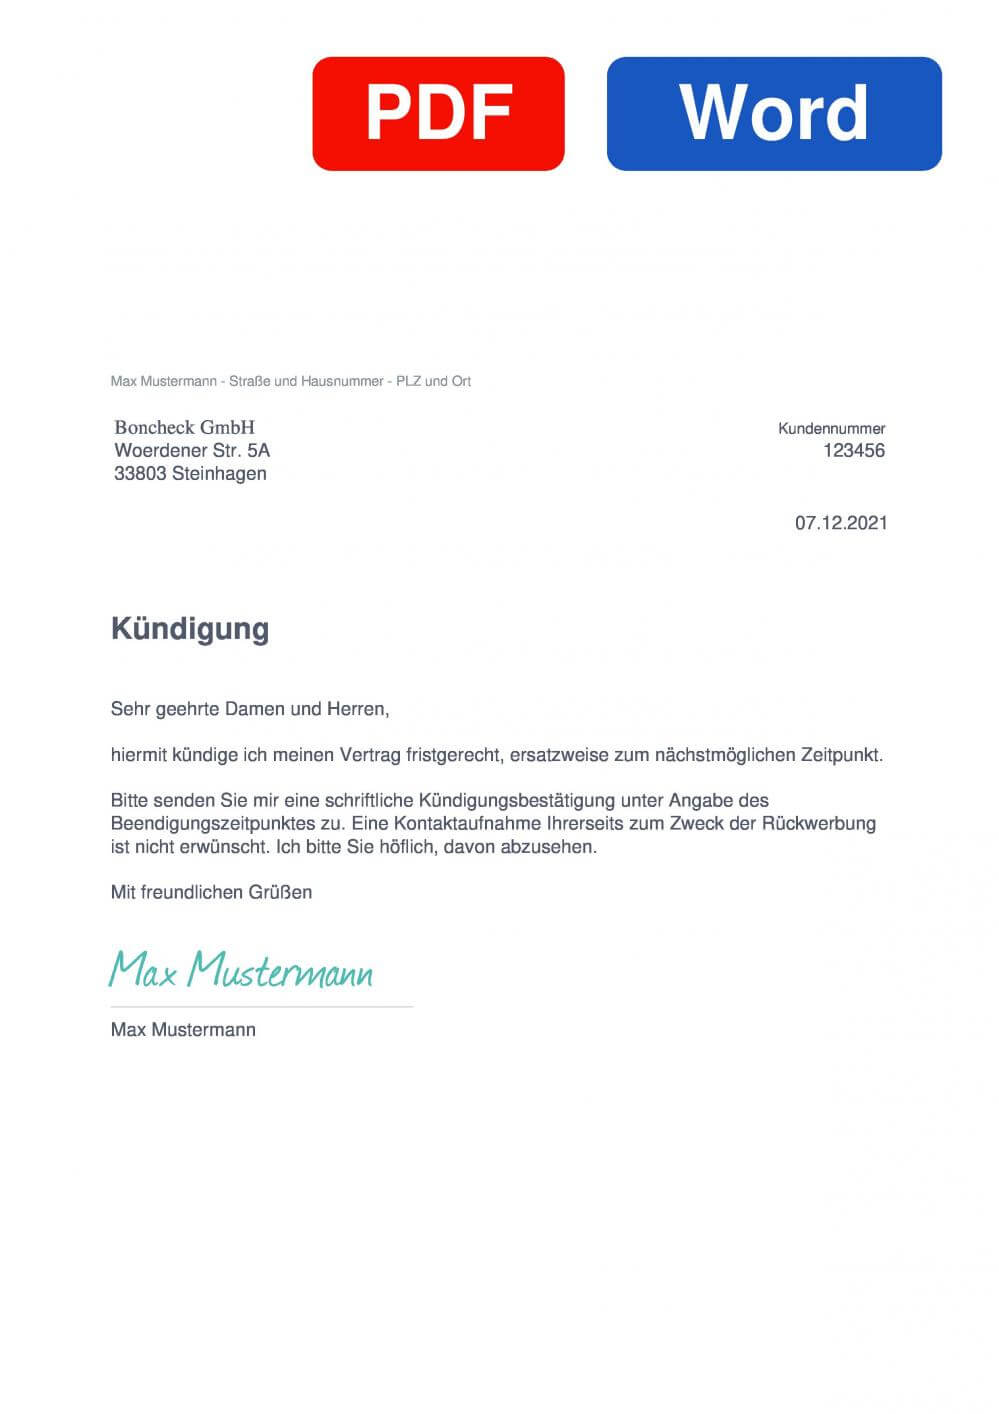 Boncheck Muster Vorlage für Kündigungsschreiben